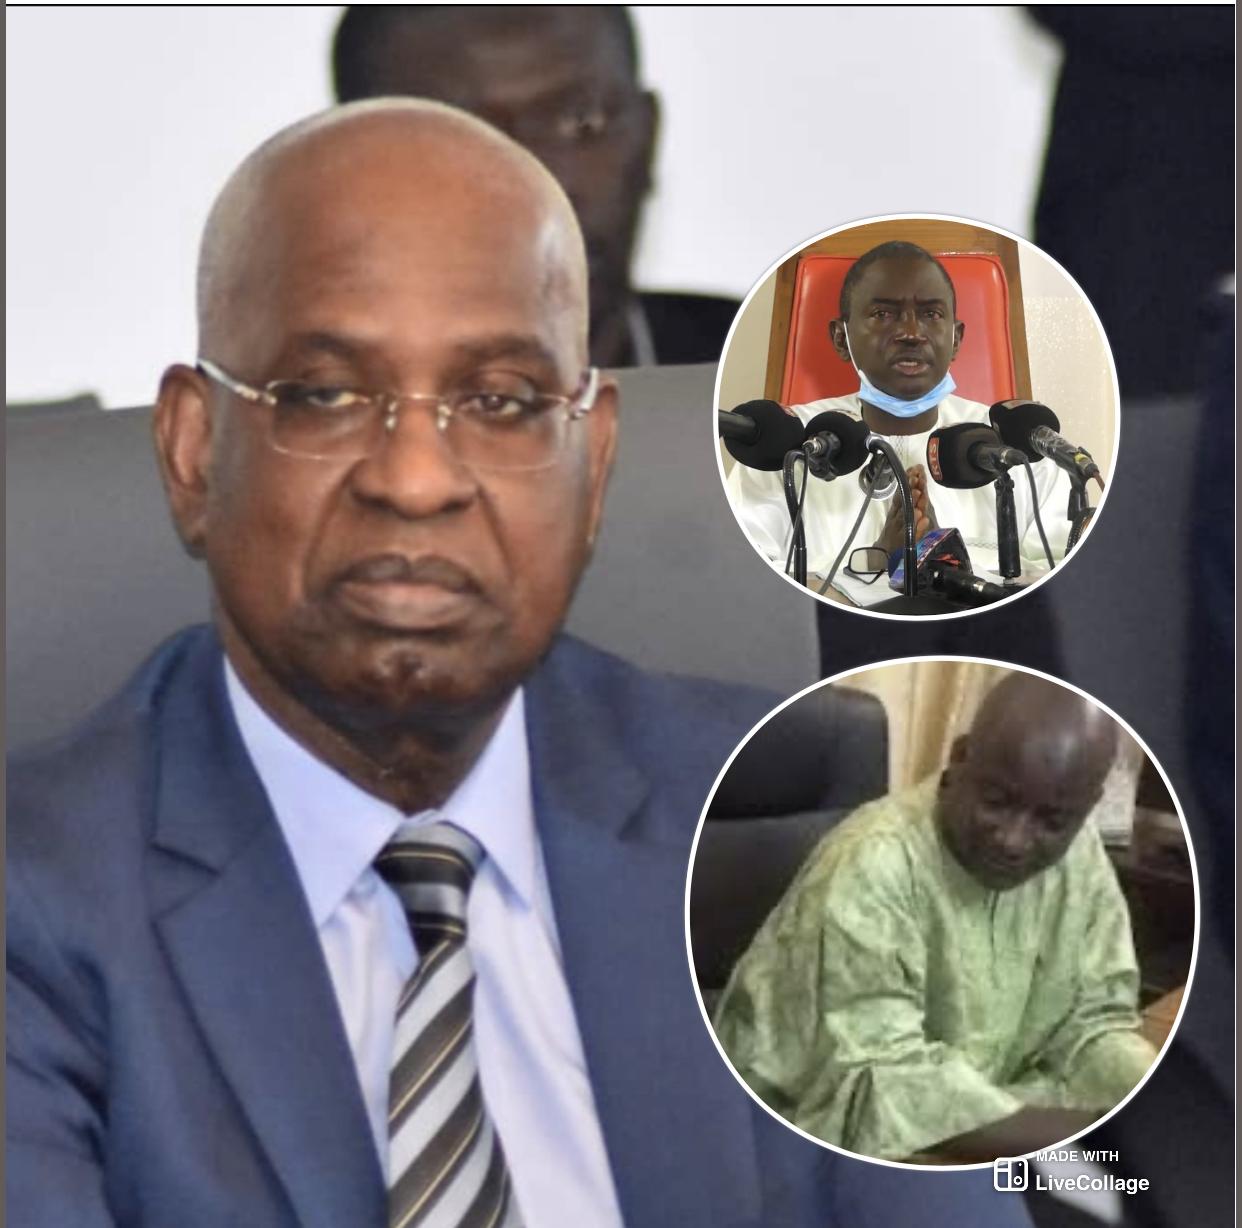 Contentieux opposant les Juges Yaya Amadou Dia et Ousmane Kane : Le garde des sceaux transmet le rapport à l'IGAJ.